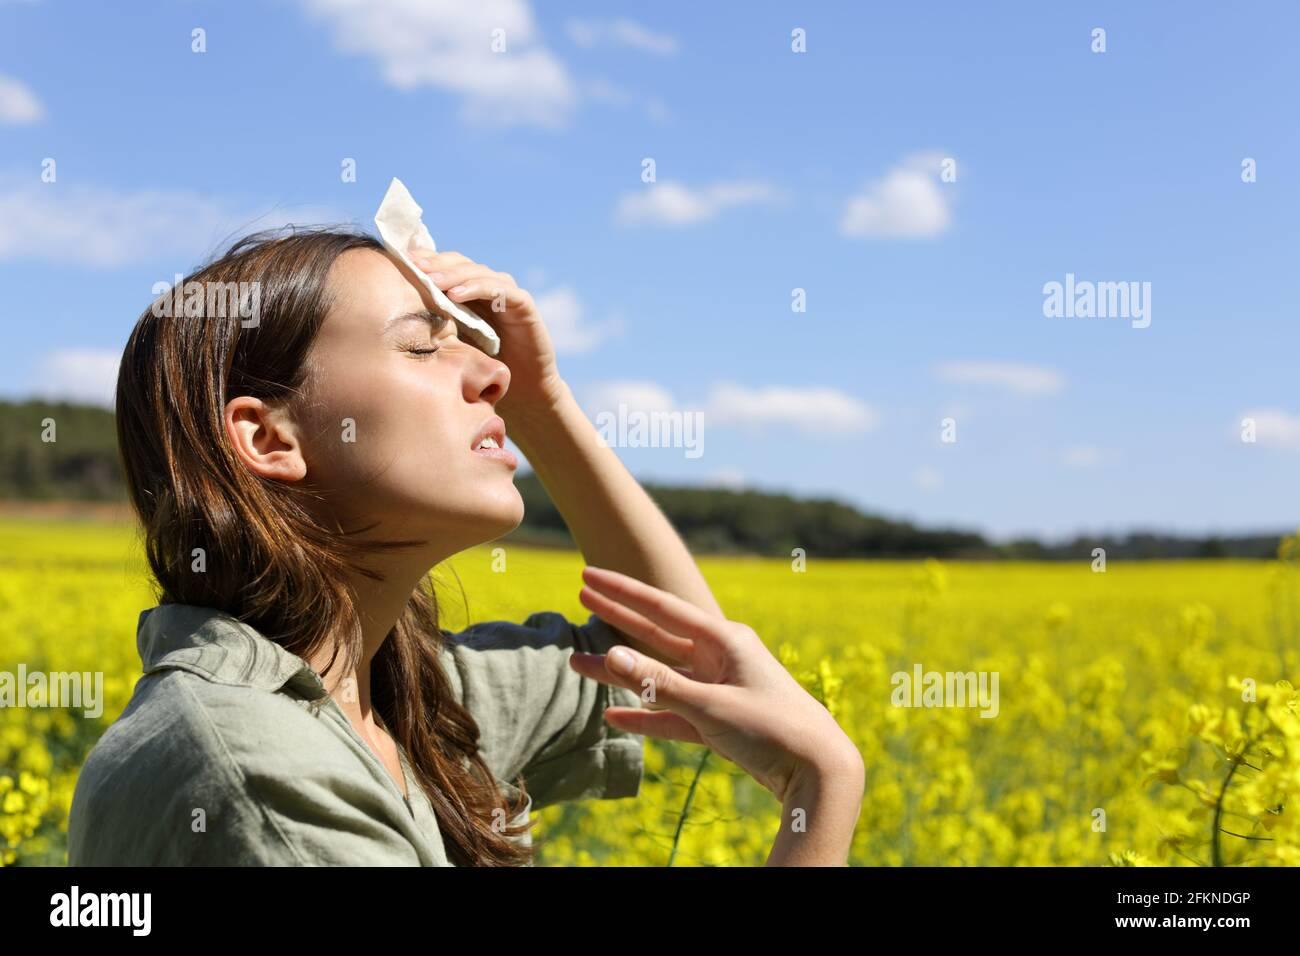 Vue latérale d'une femme stressée souffrant d'un coup de chaleur en vacances d'été Banque D'Images